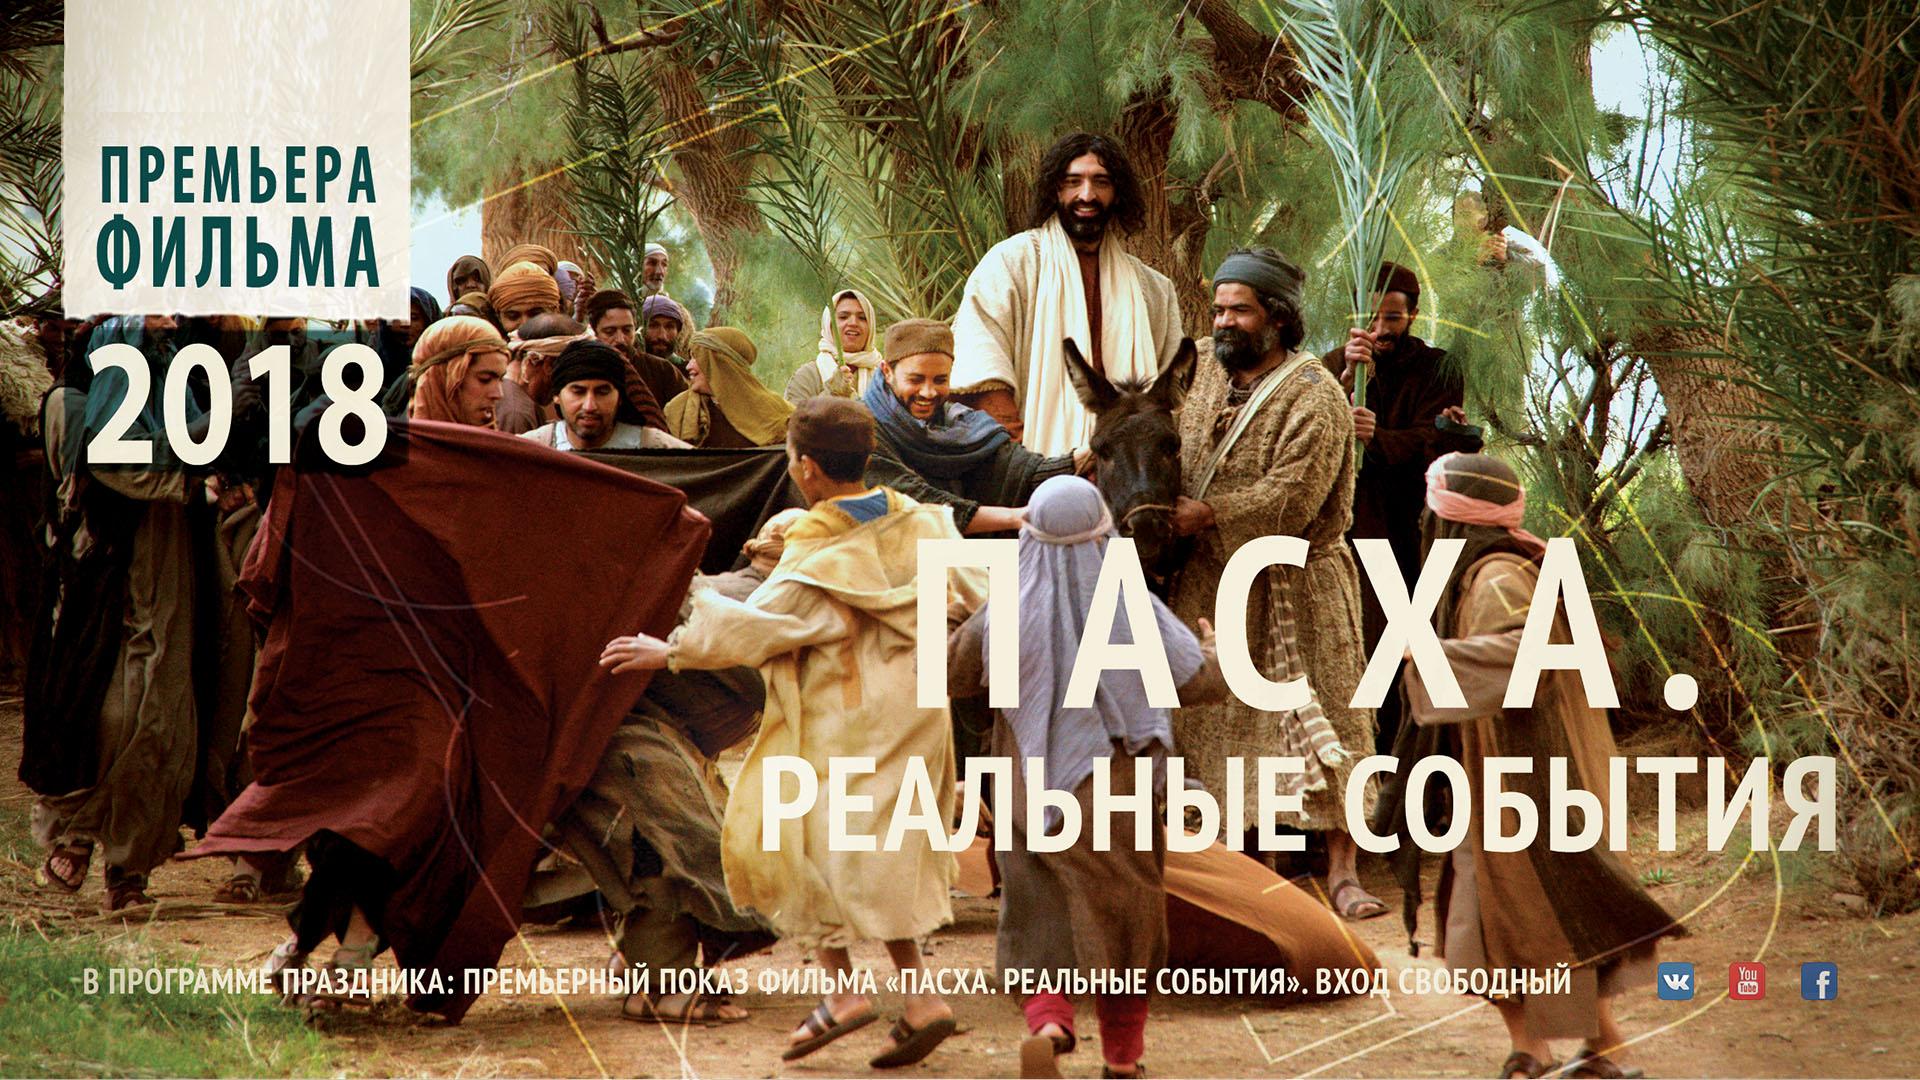 Премьерный показ фильма о самом важном событии христианства пройдёт в Перми